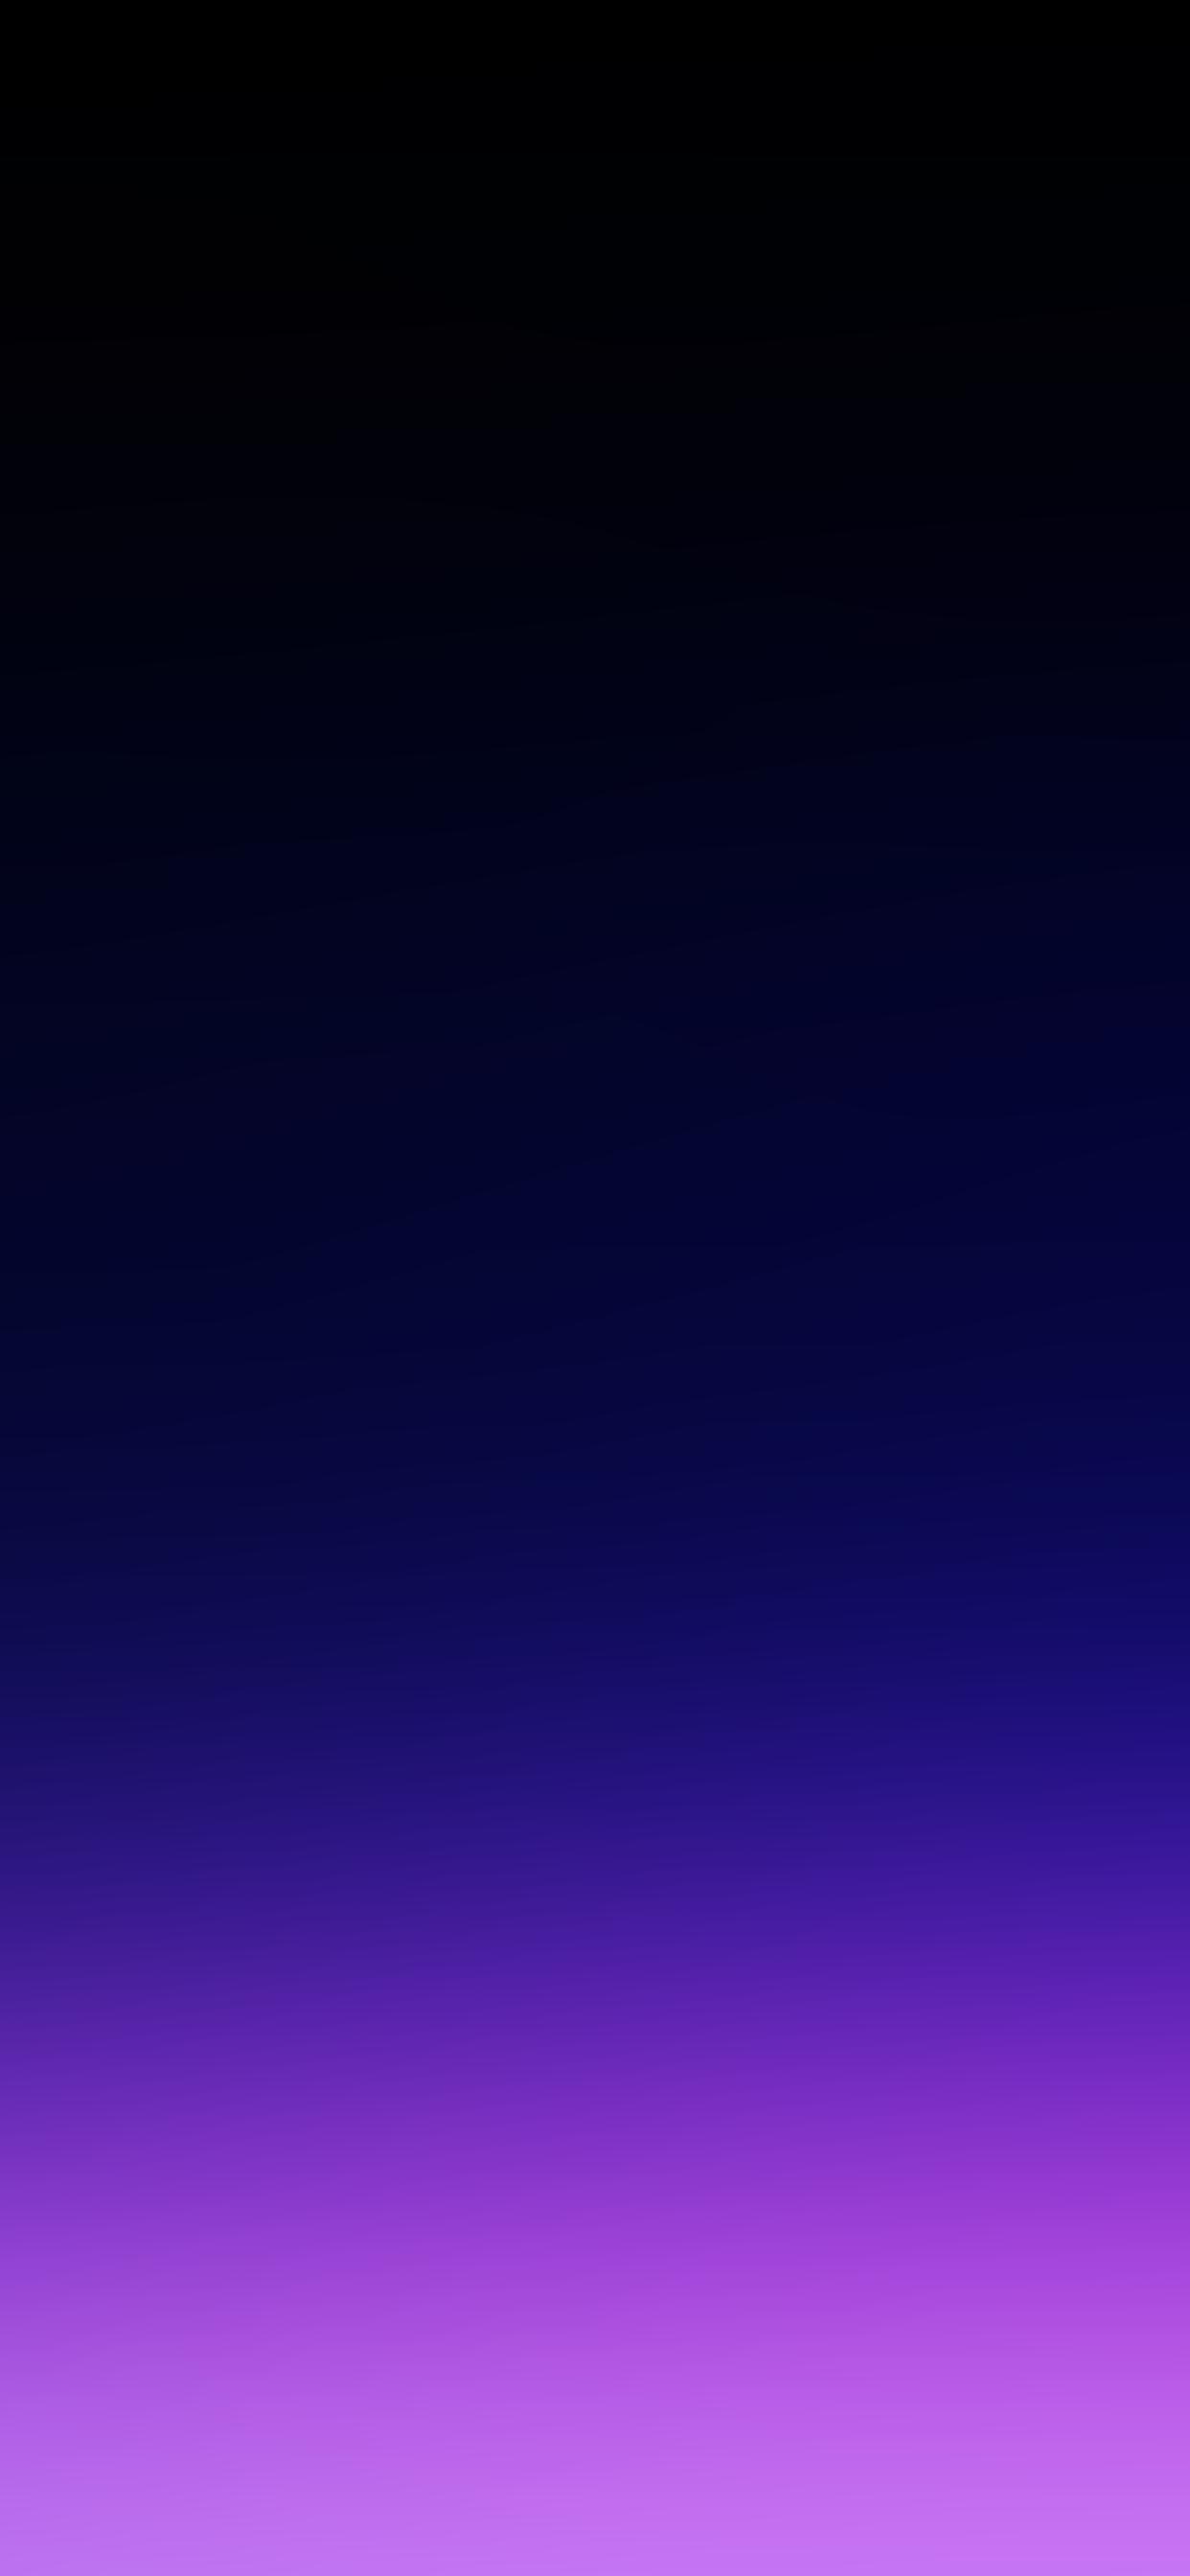 iPhone wallpaper gradient colors purple Fonds d'écran iPhone du 16/01/2019